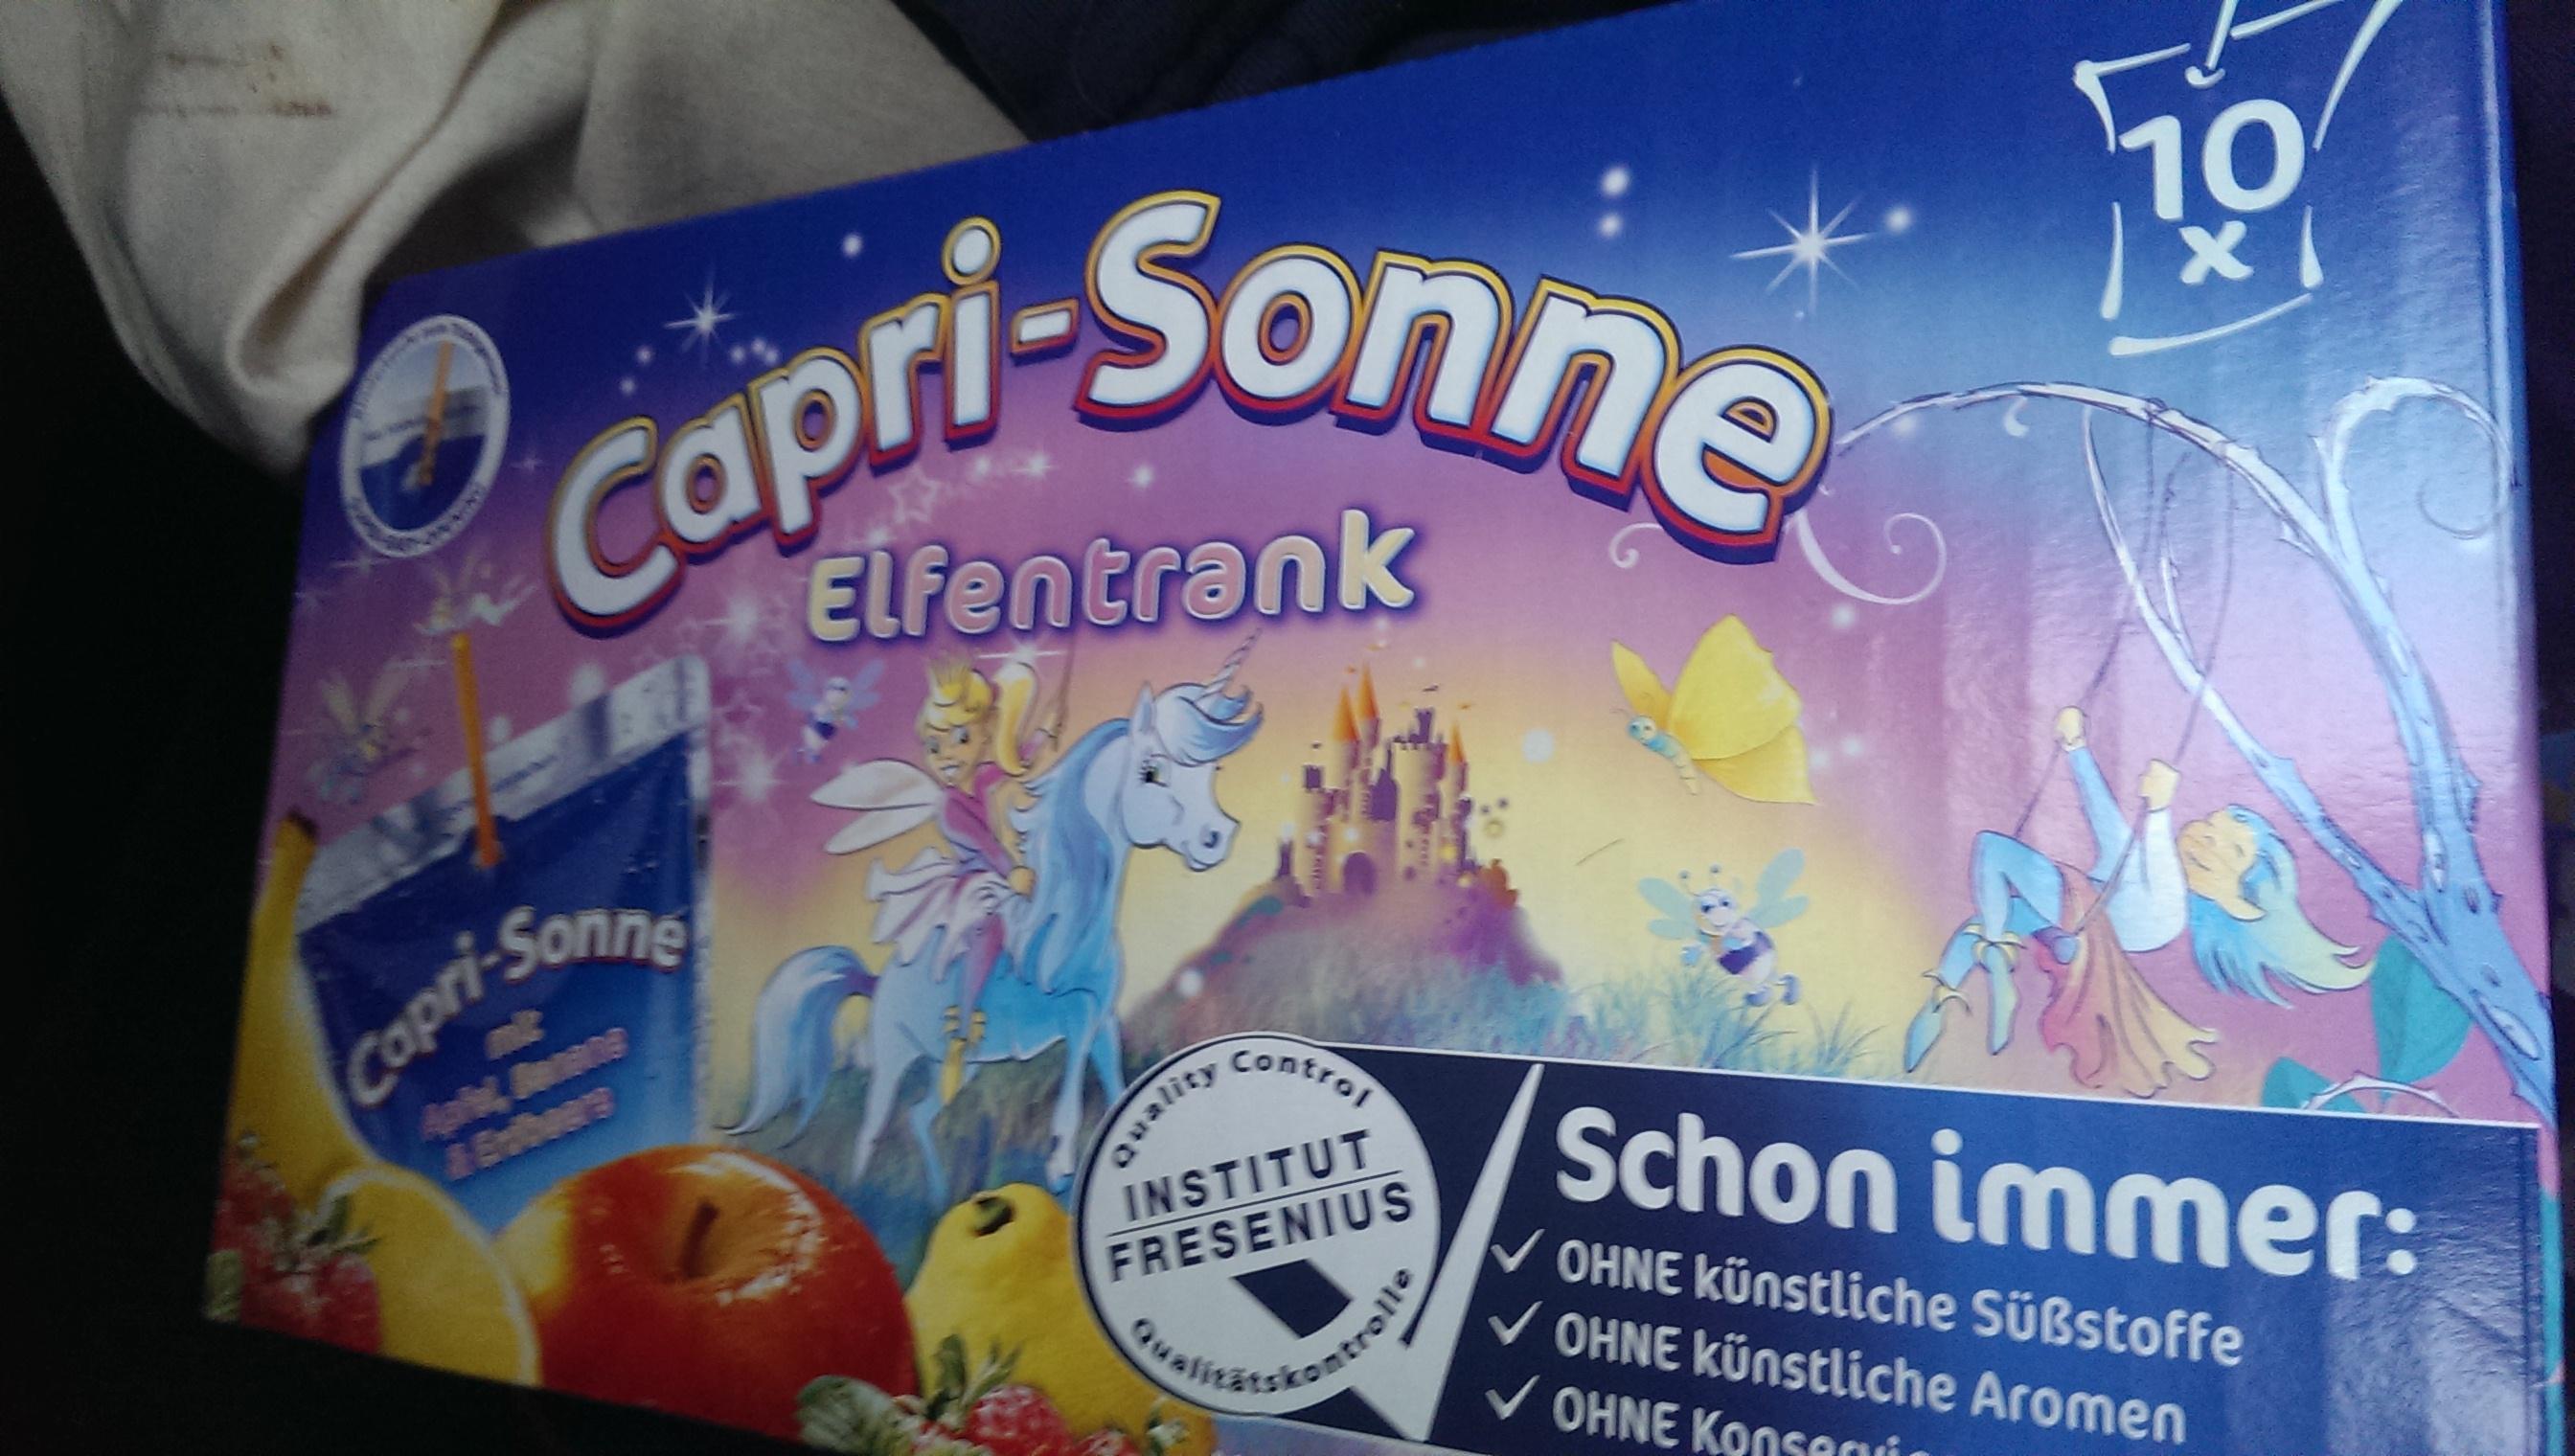 Capri_Sonne